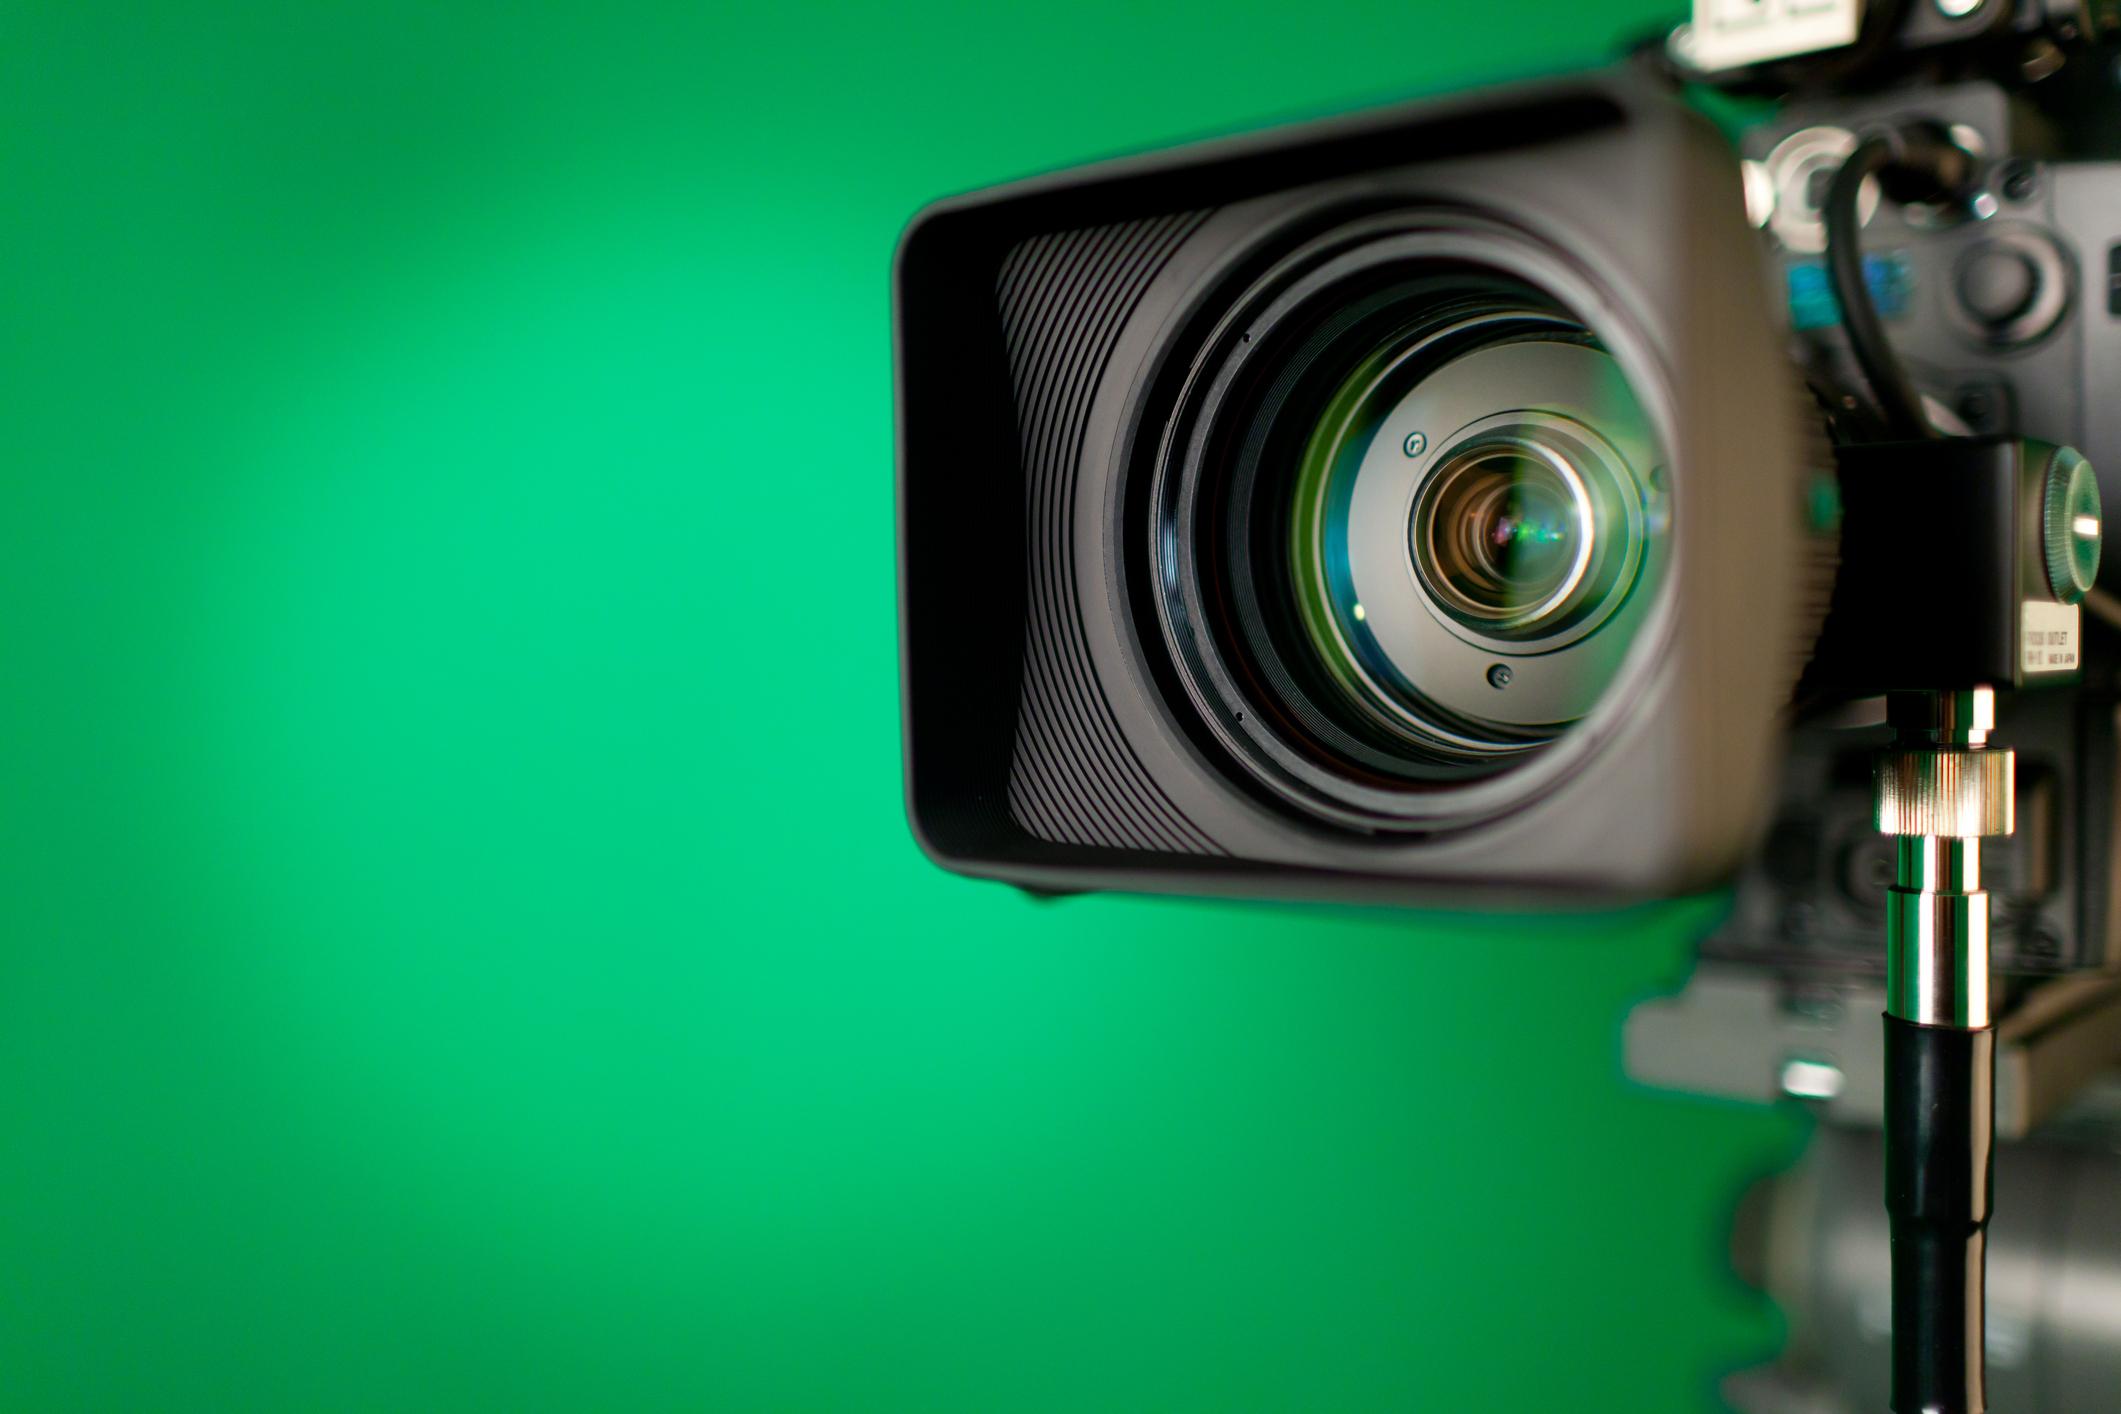 YOUTUBE VIDEOS - LOOK MUM I'M ON TV....KINDA